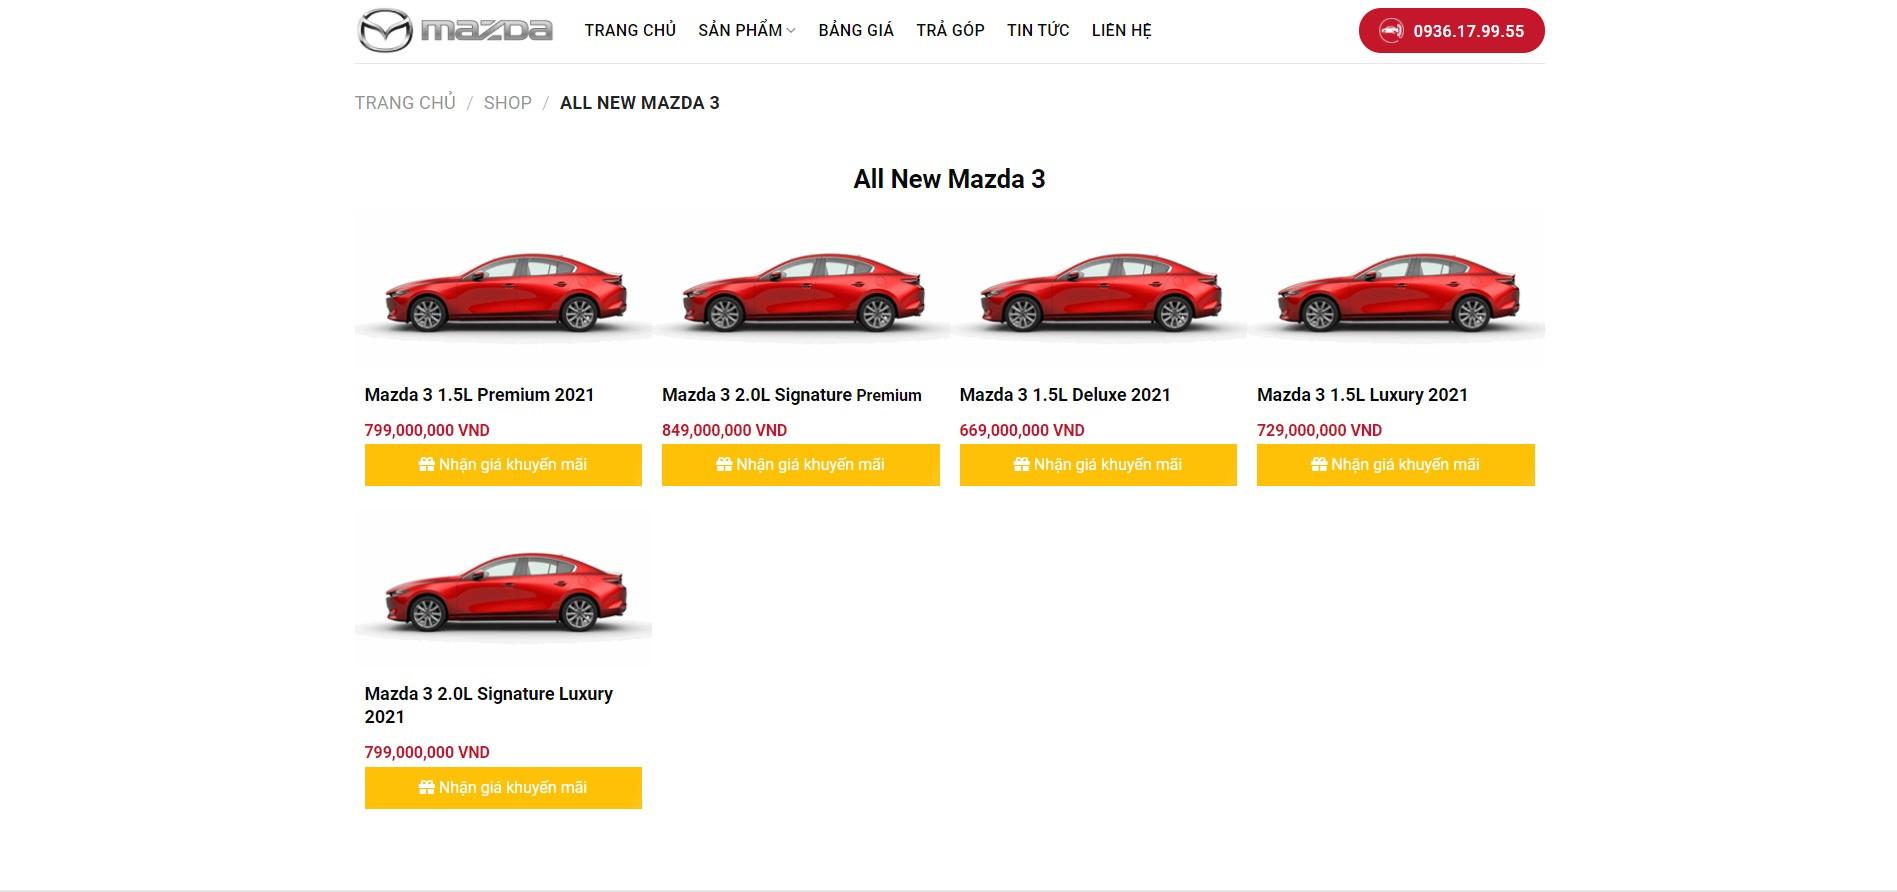 Trang sản phẩm Website ô tô Mazda